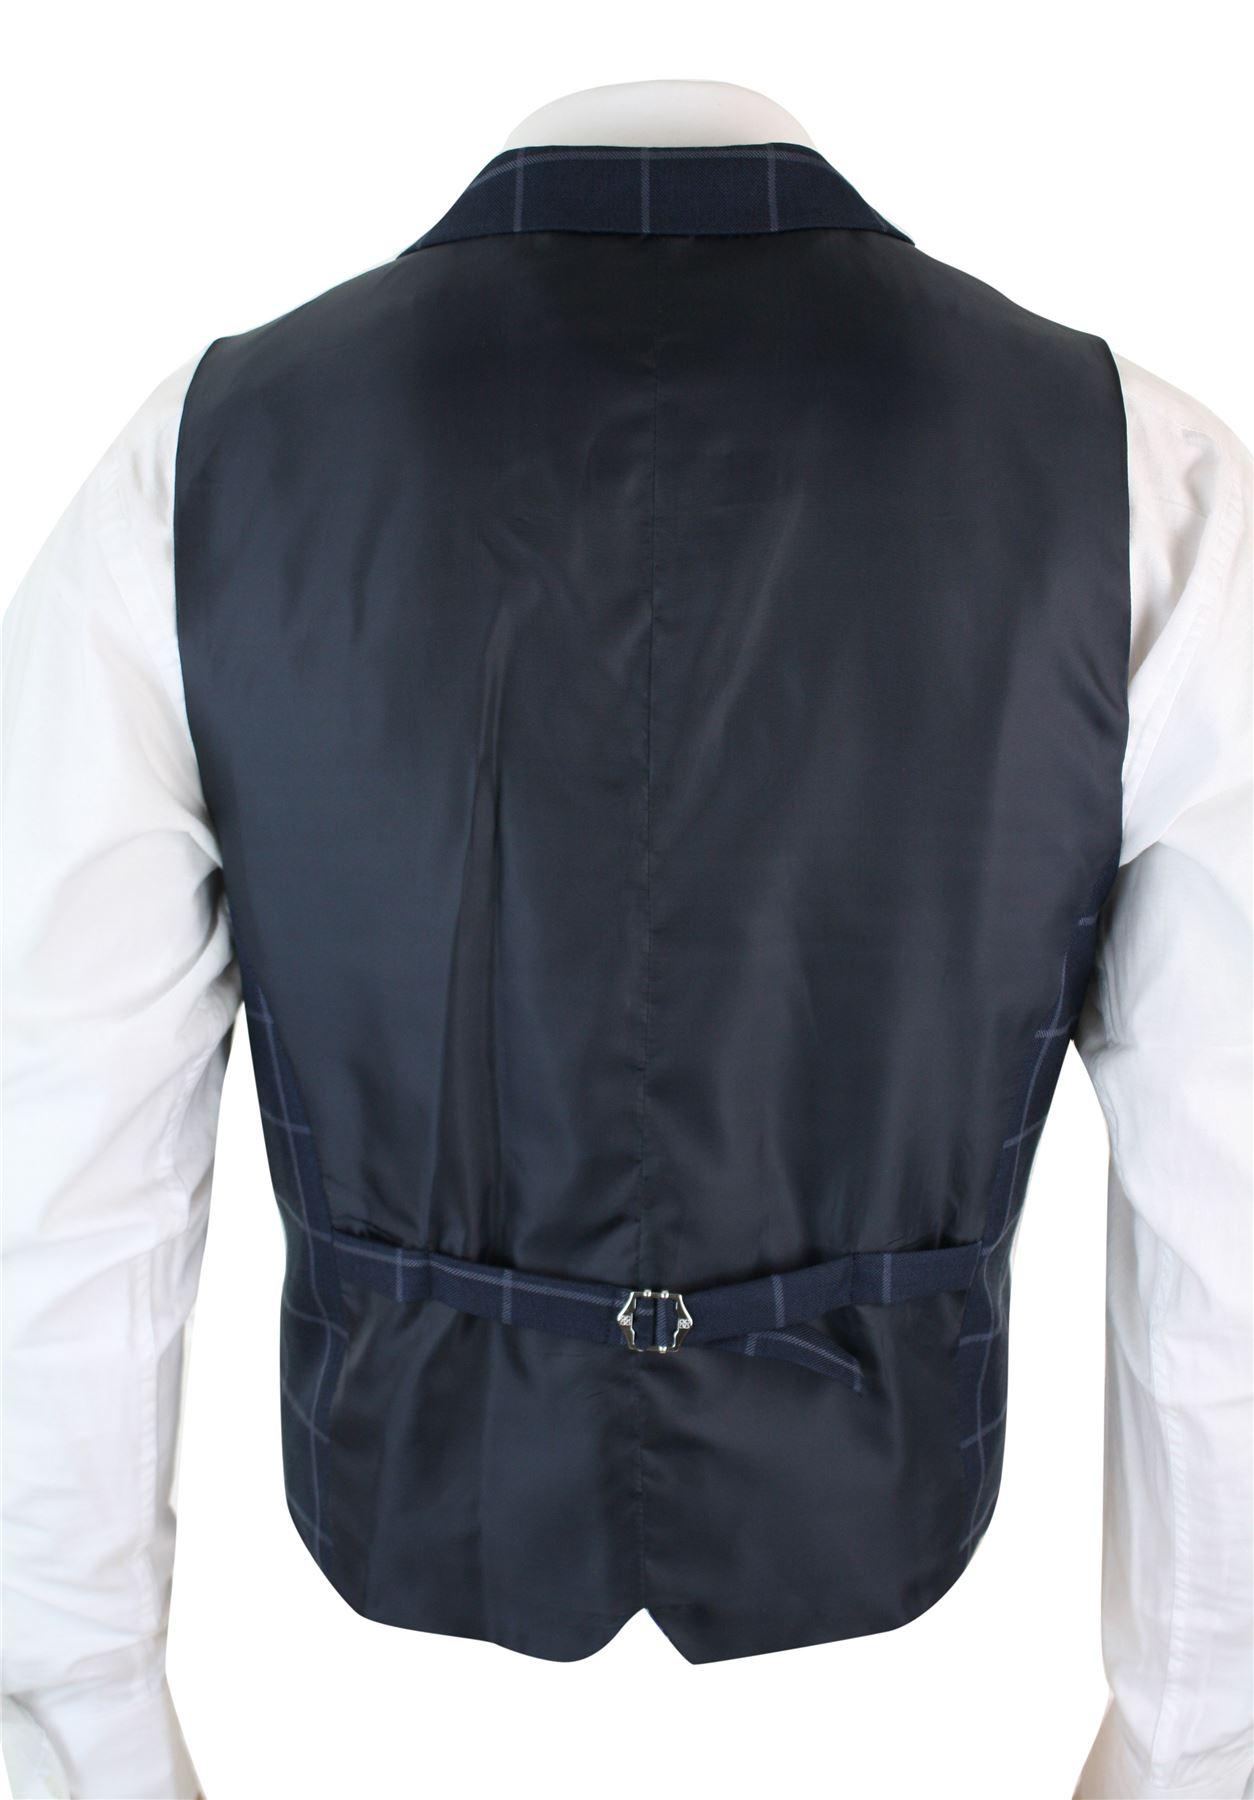 Mens-Double-Breasted-Herringbone-Tweed-Peaky-Blinders-Vintage-Check-Waistcoat miniatuur 9